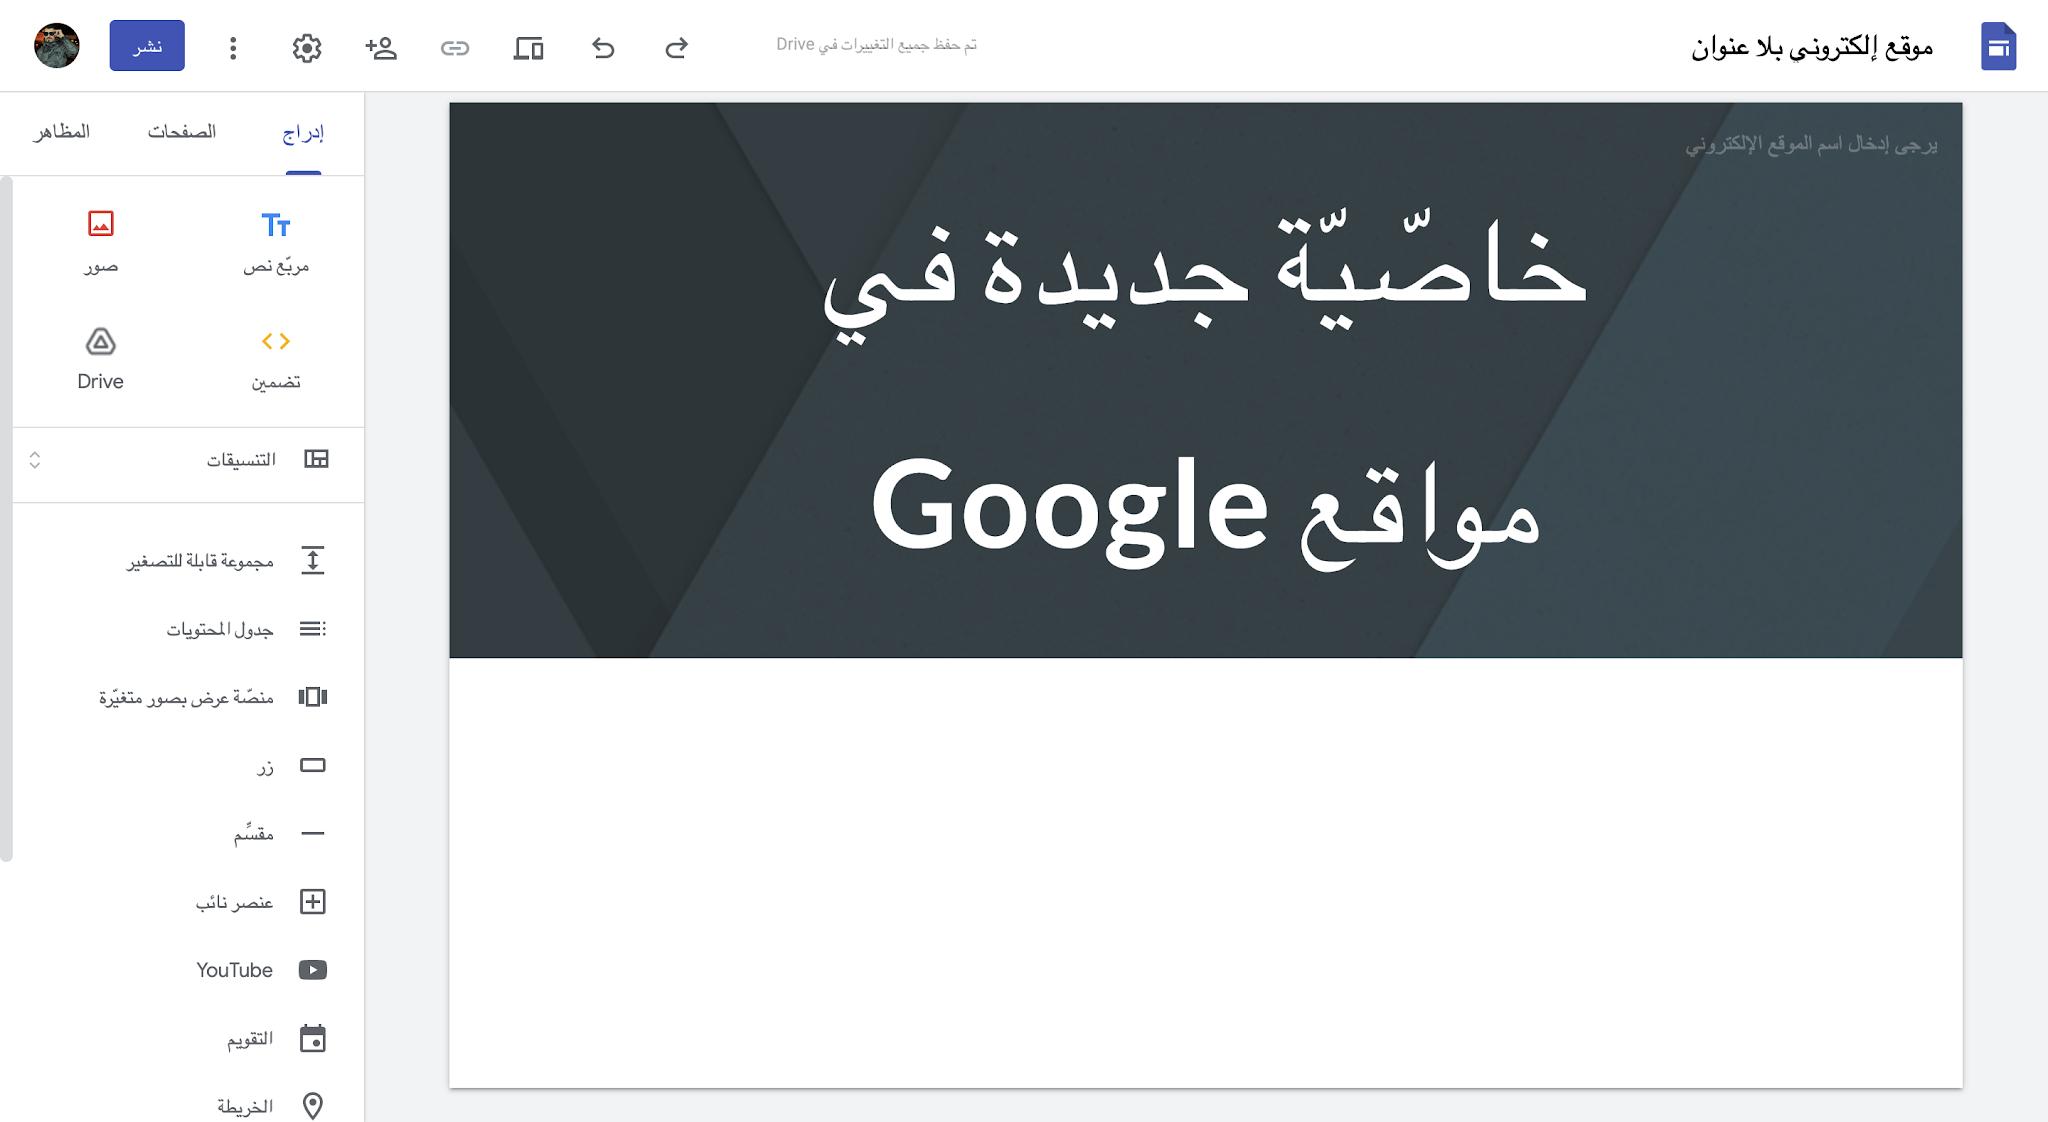 لقطة شاشة من مواقع جوجل